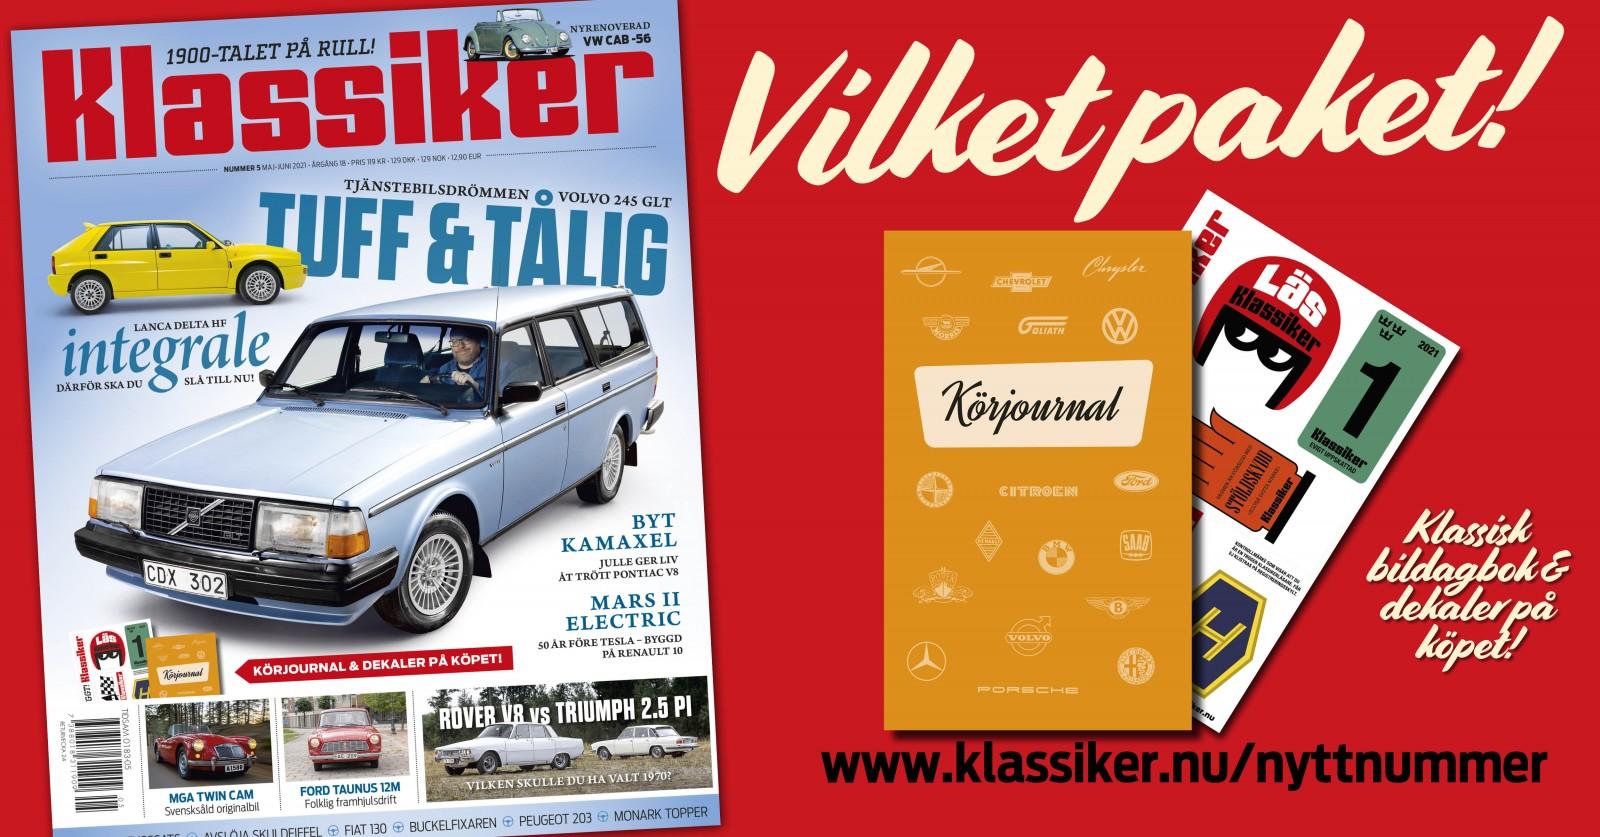 Läs om Mars II Electric, Rover 3500 och Triumph 2.5 PI, Ford 12m och mycket mer i nya Klassiker. Du får dessutom med en körjournal!